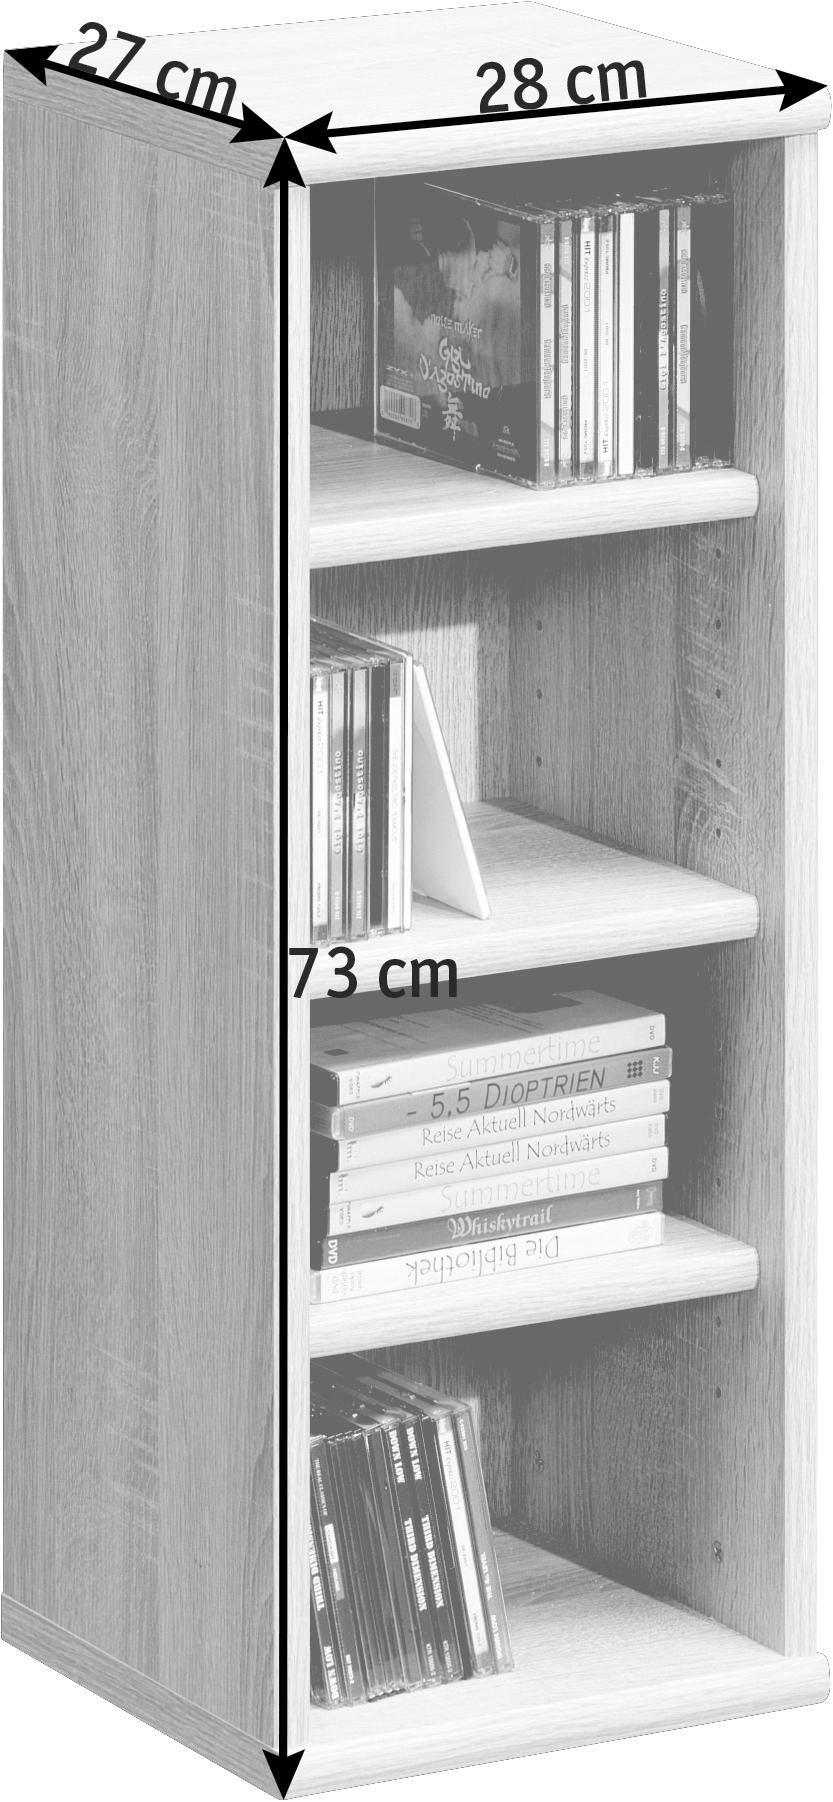 REGAL in 28/73/26 cm Buchefarben - Buchefarben, KONVENTIONELL, Holz/Holzwerkstoff (28/73/26cm) - CS SCHMAL